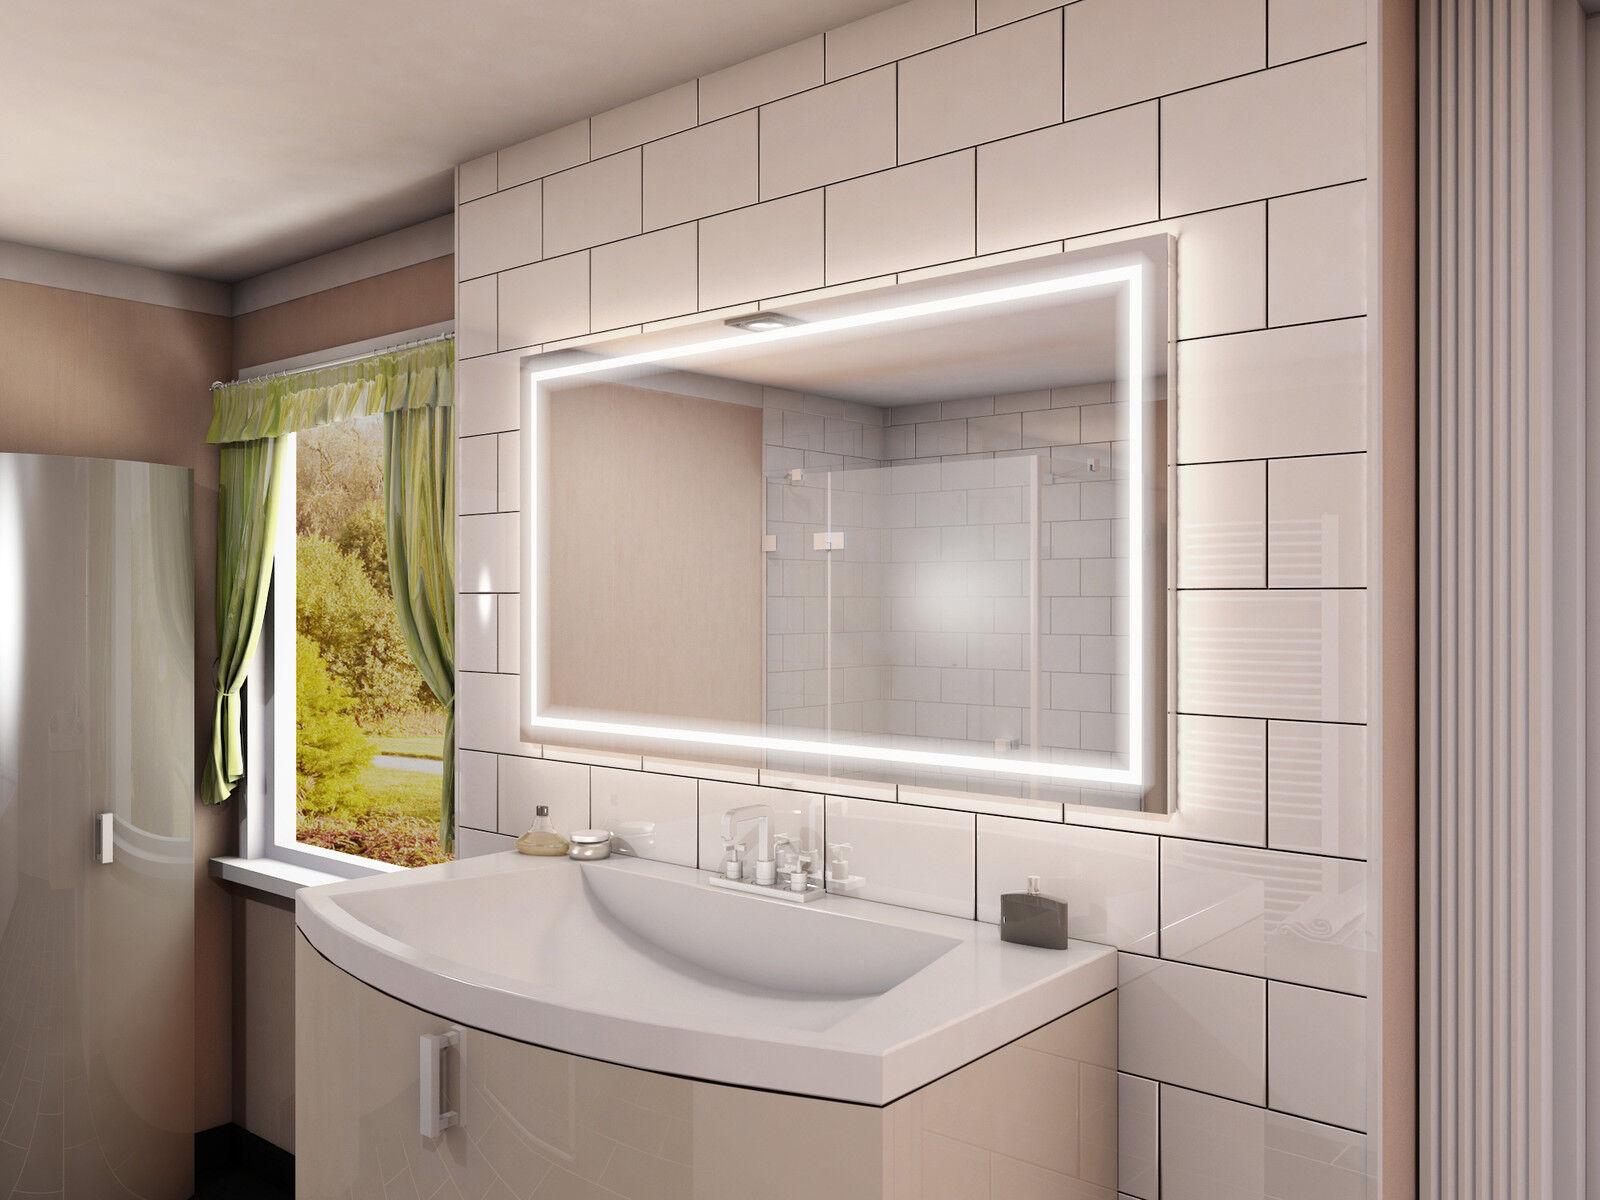 Badspiegel Badezimmerspiegel Bad Spiegel LED beleuchtet rundherum ■■■ M215L4